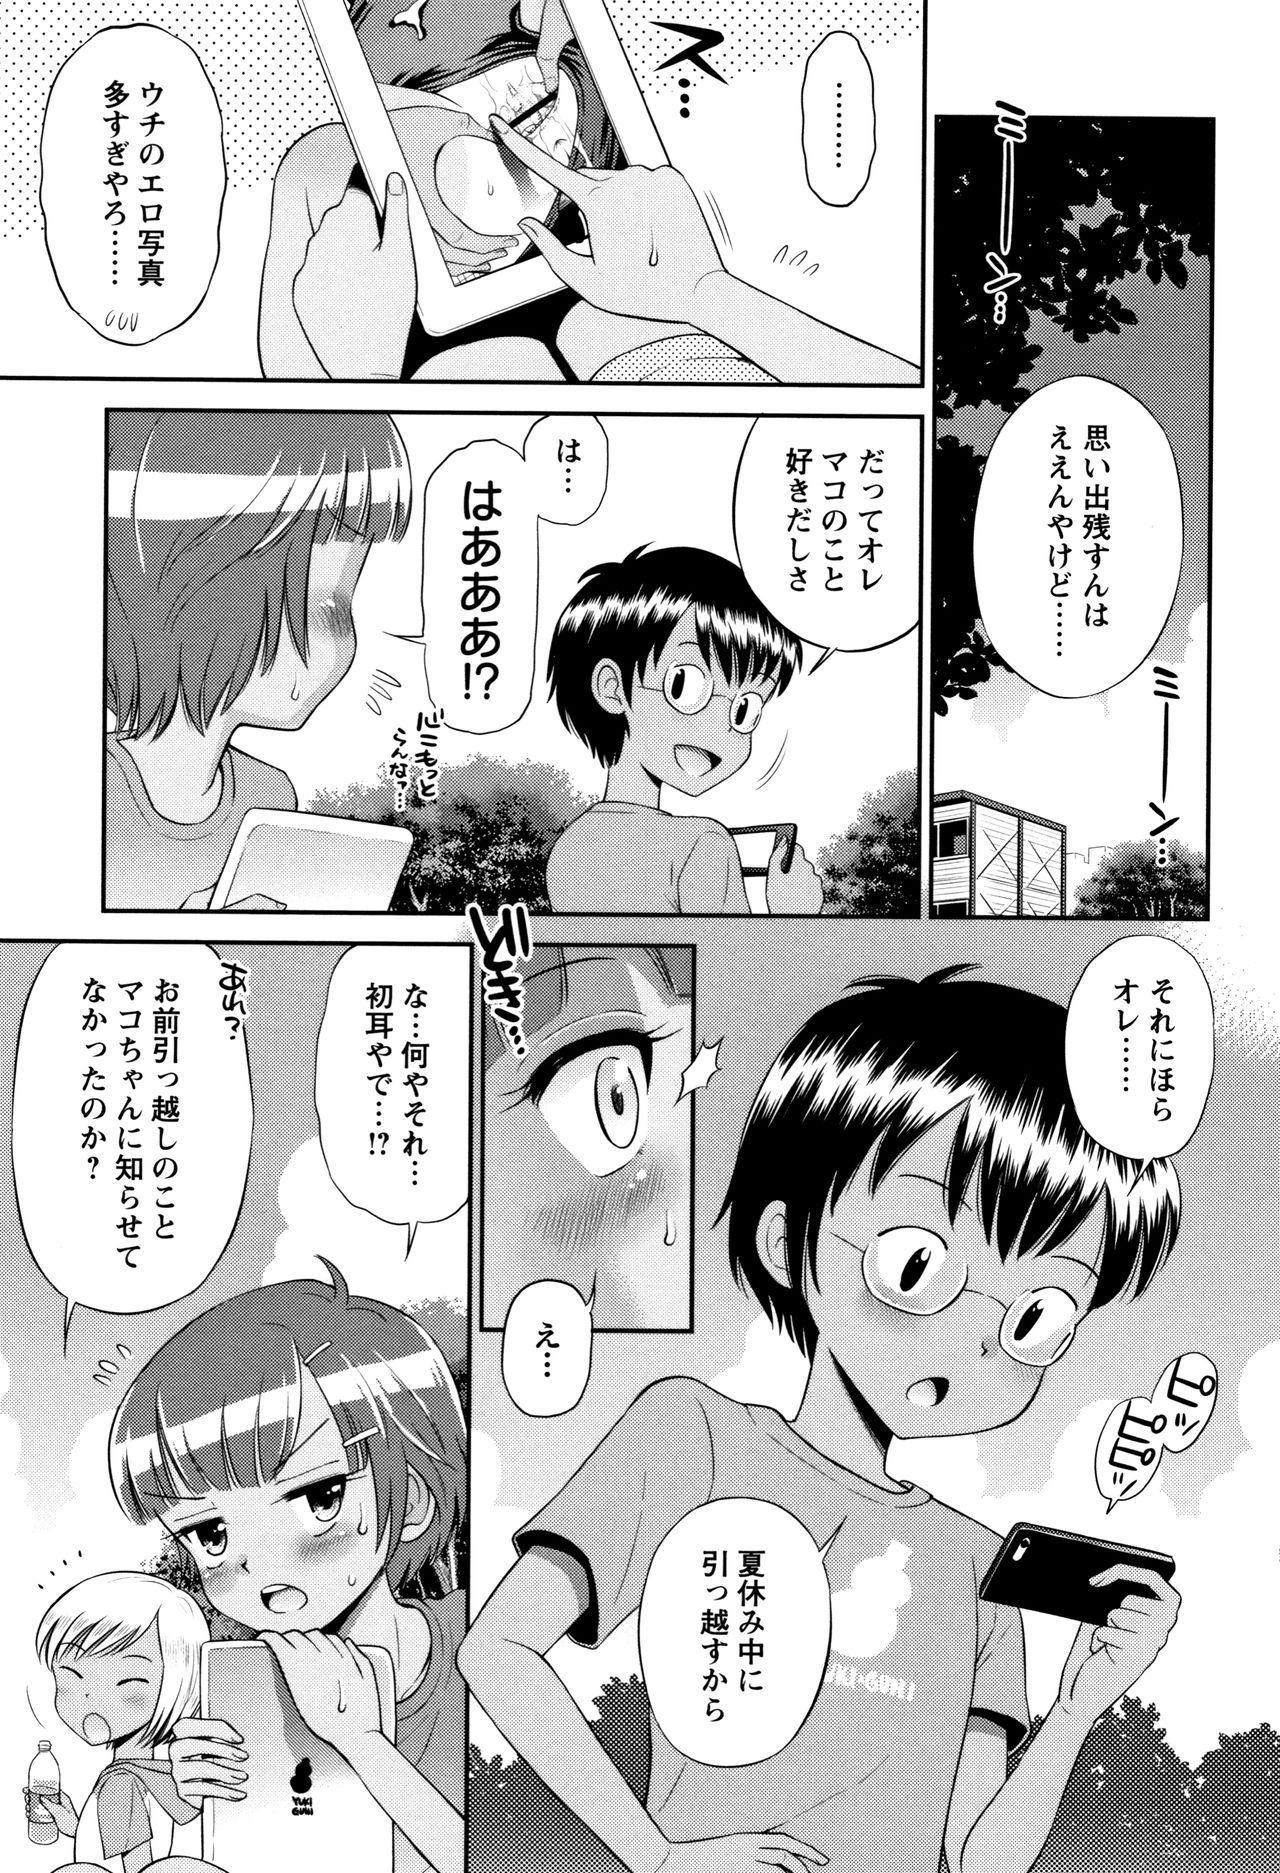 Mako to Himitsu no Houkago 87